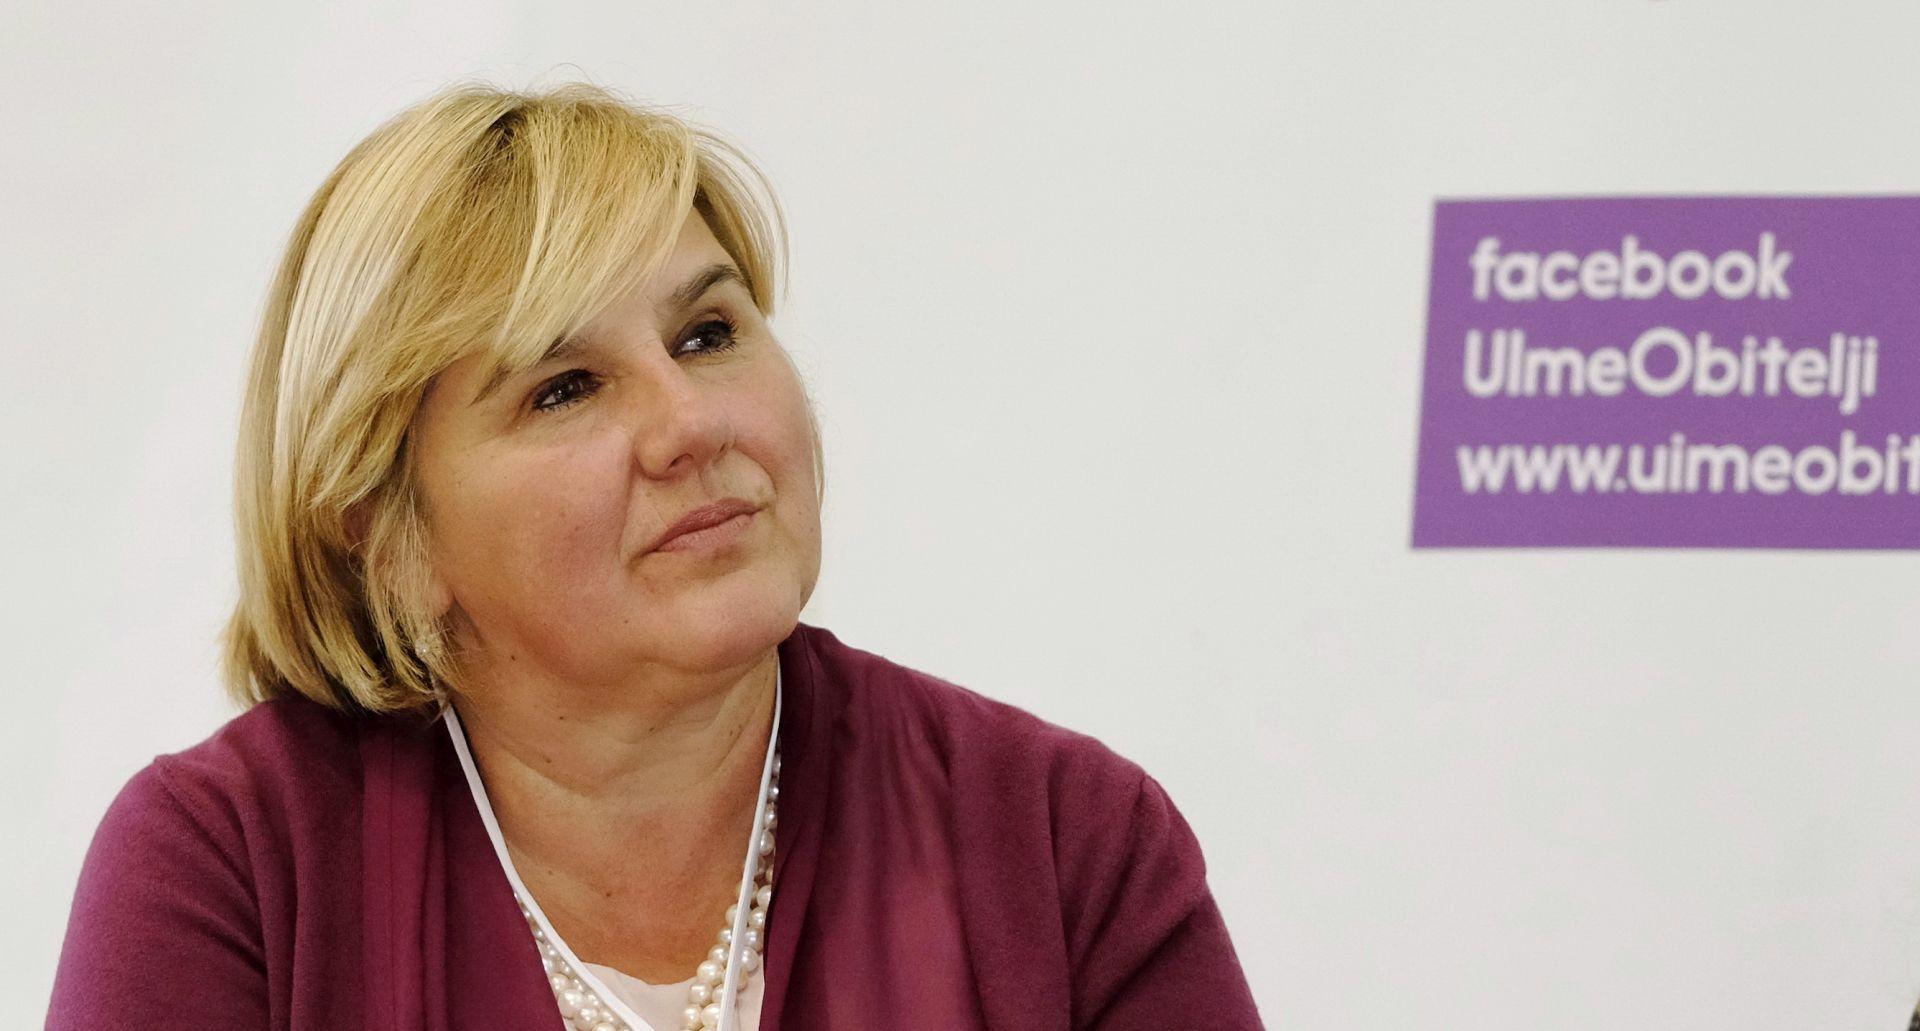 Sud kao neosnovanu odbacio tužbu katoličkih udruga protiv portala Index.hr